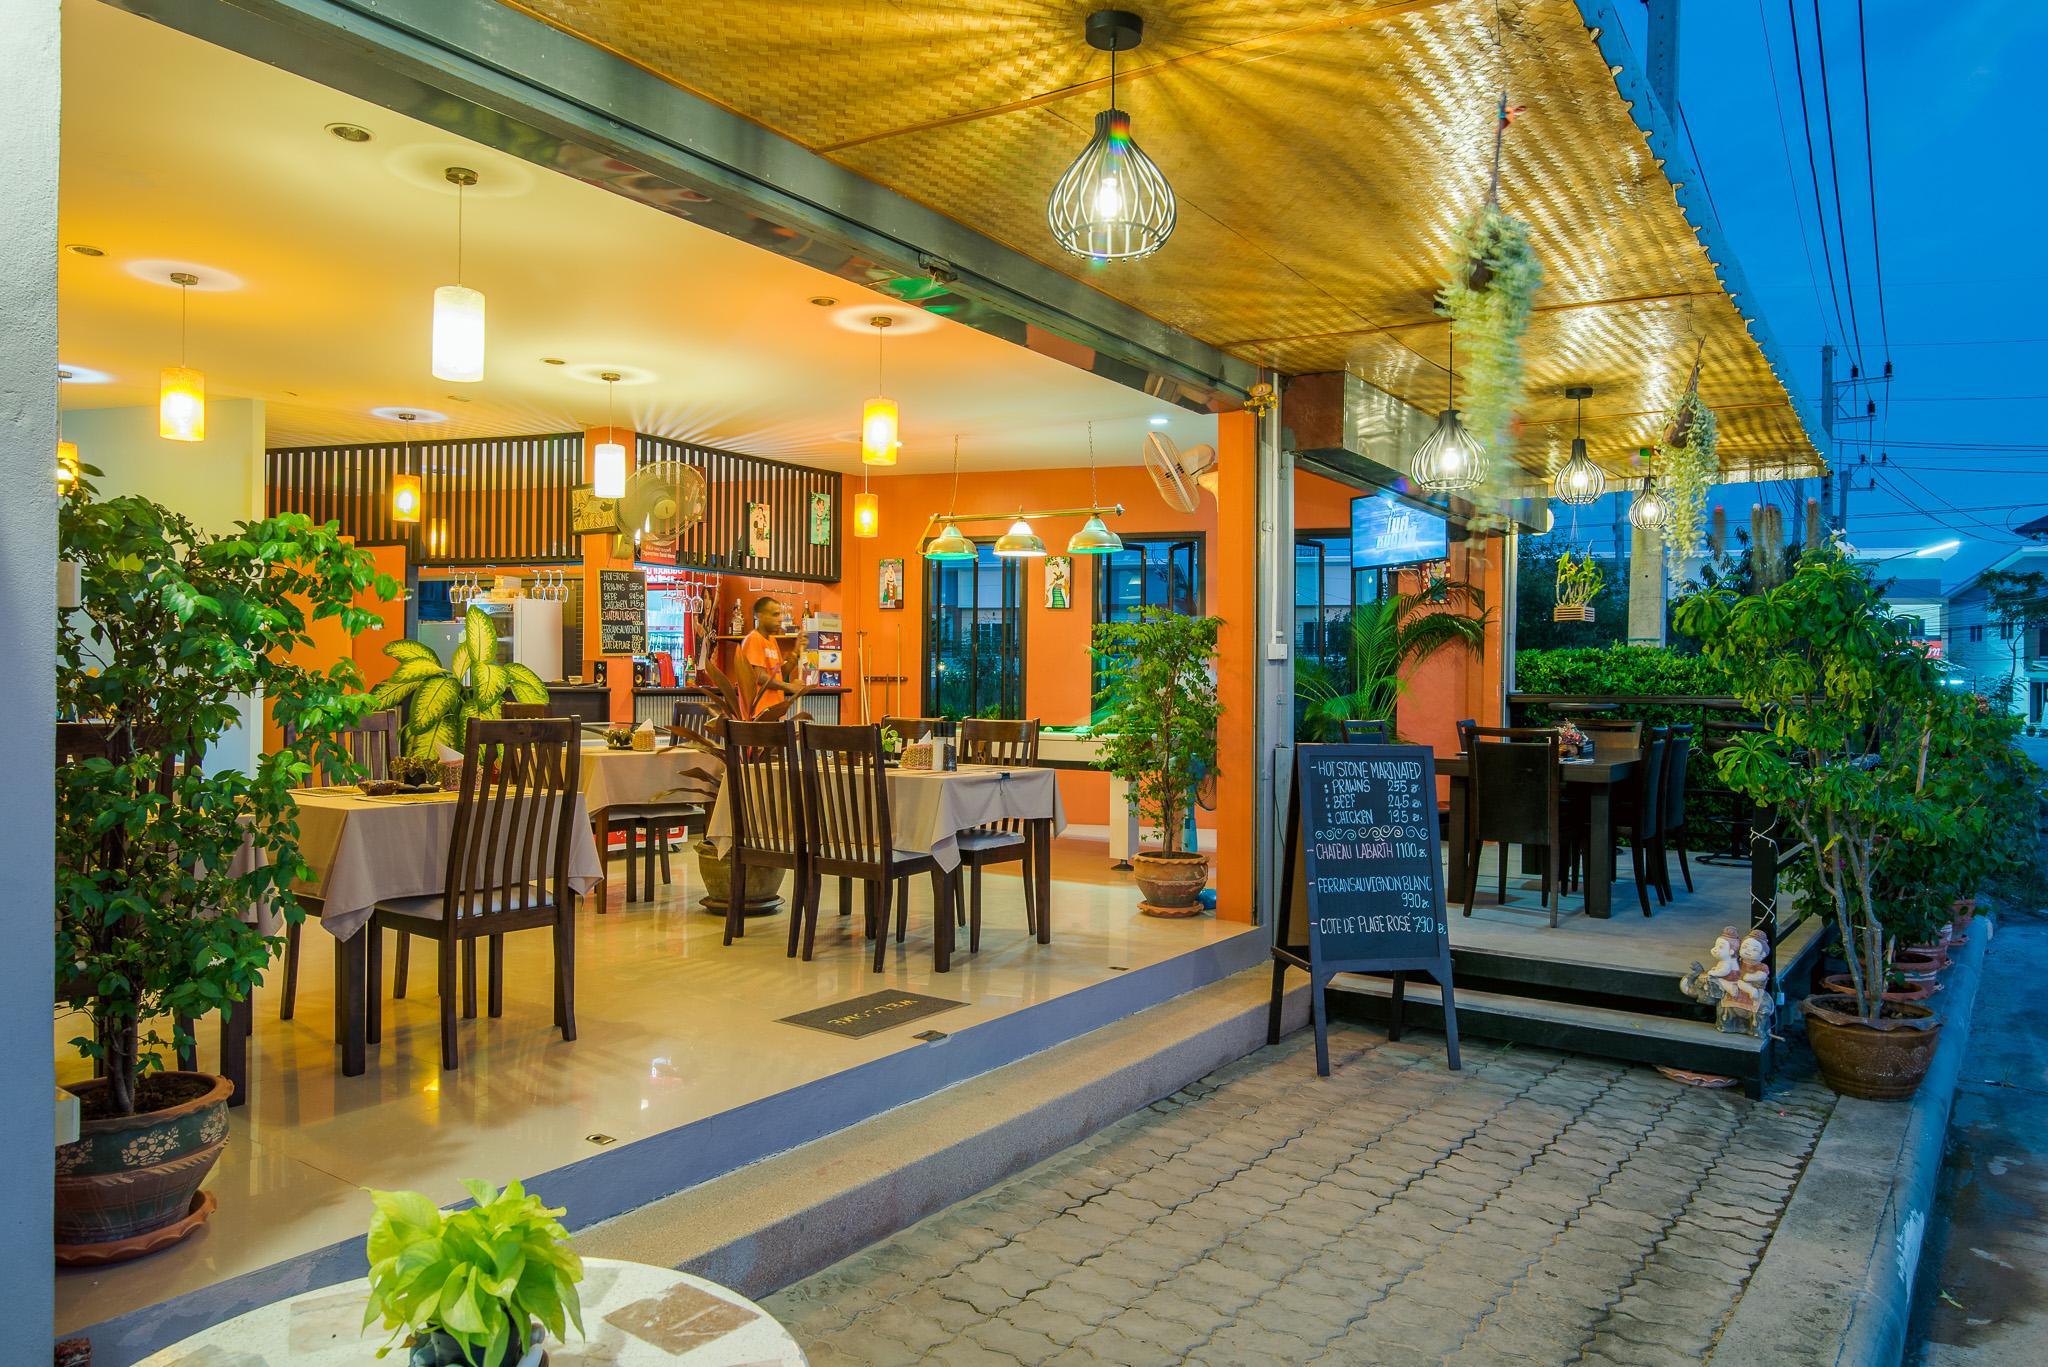 萨姆沙旅馆,Samsha Guesthouse